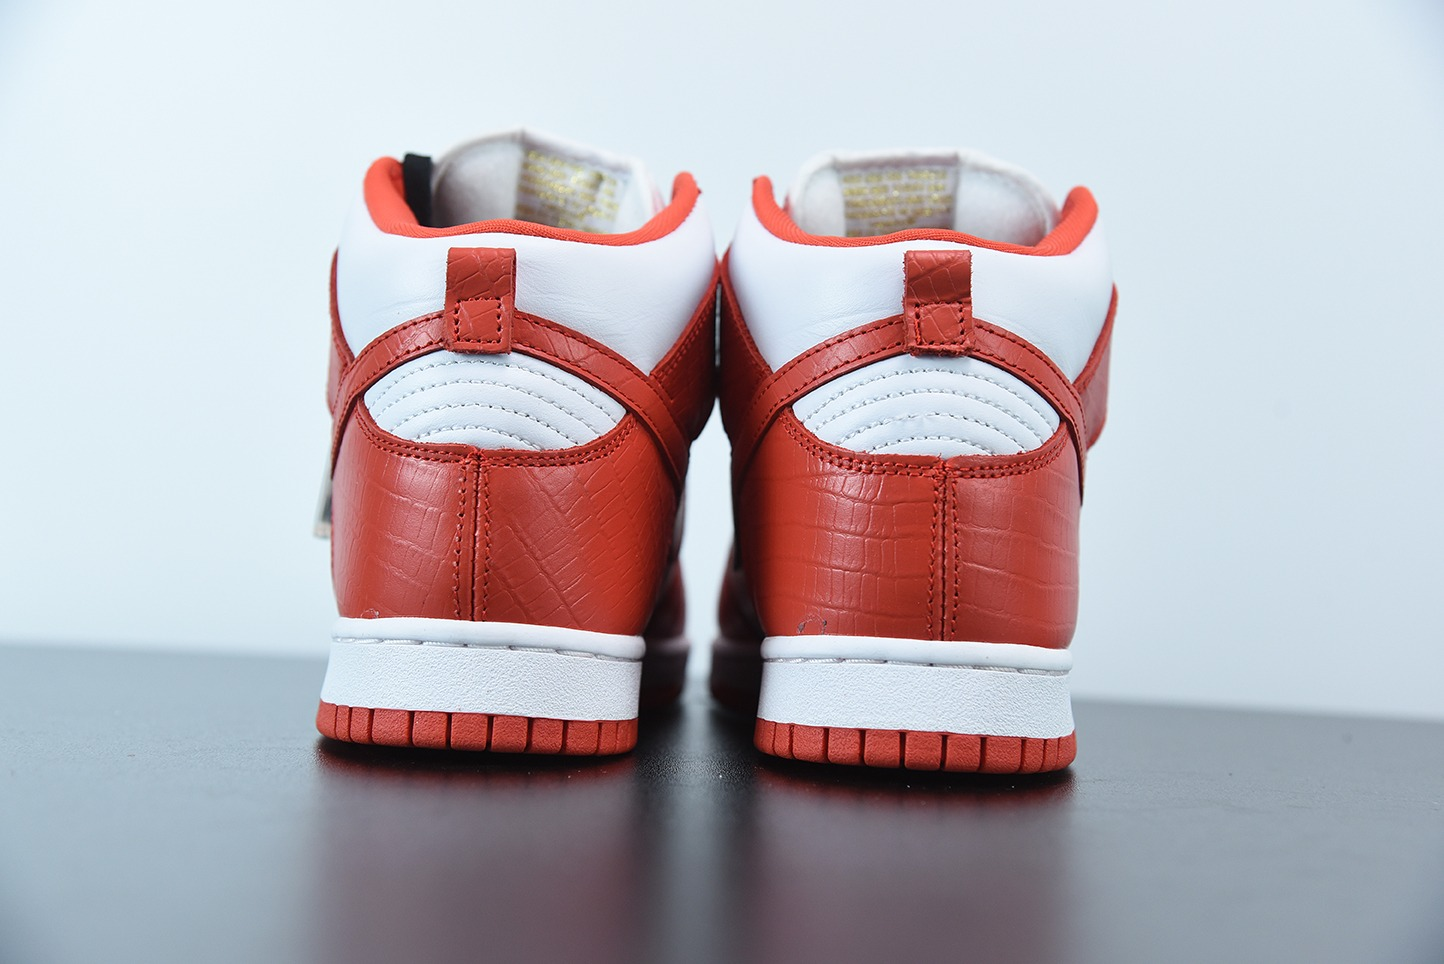 耐克Nike SB Dunk High ×Suprme联名红色满天星高帮时尚休闲板鞋纯原版本 货号:307385-161